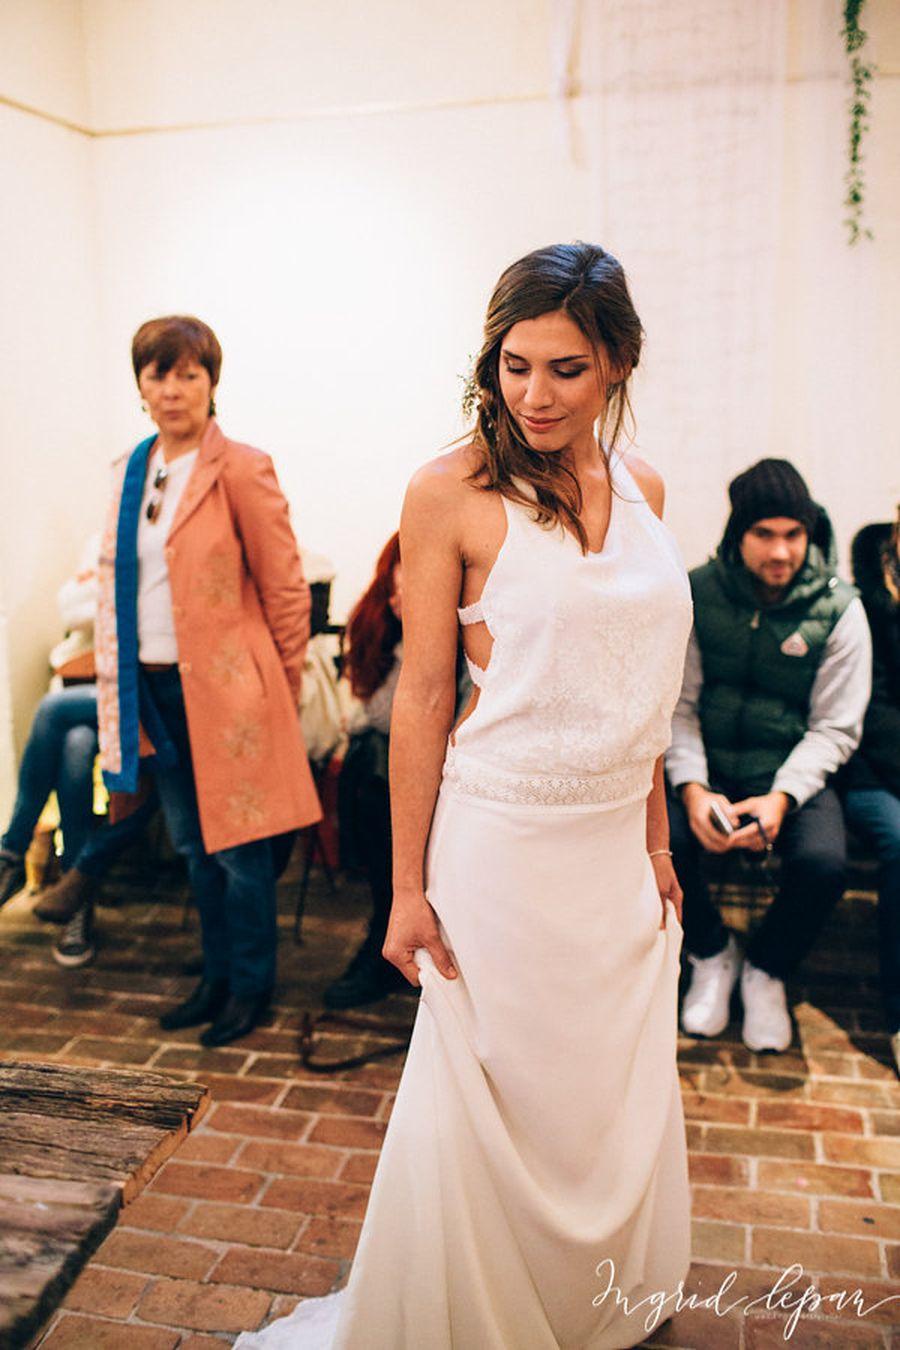 ingrid-lepan-ouiii-l-atelier-salon-du-mariage-cote-d-azur246